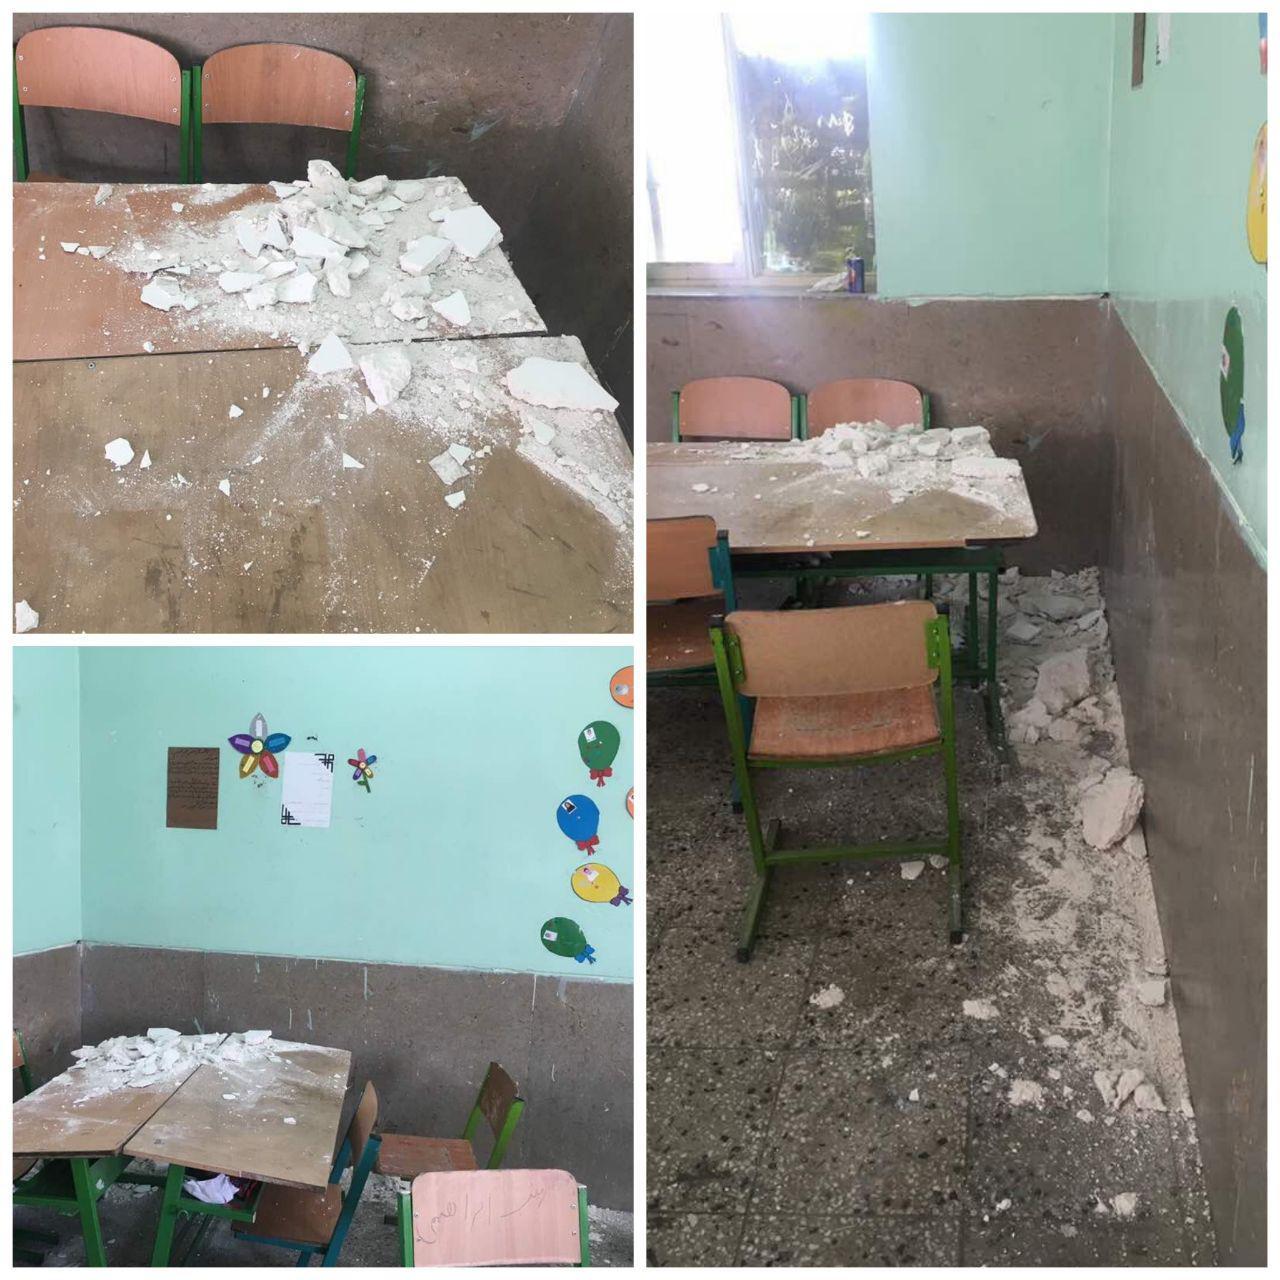 تلگرام مداحی استان بوشهر ریزش سقف مدرسه ای در «دیر» بوشهر (+عکس)